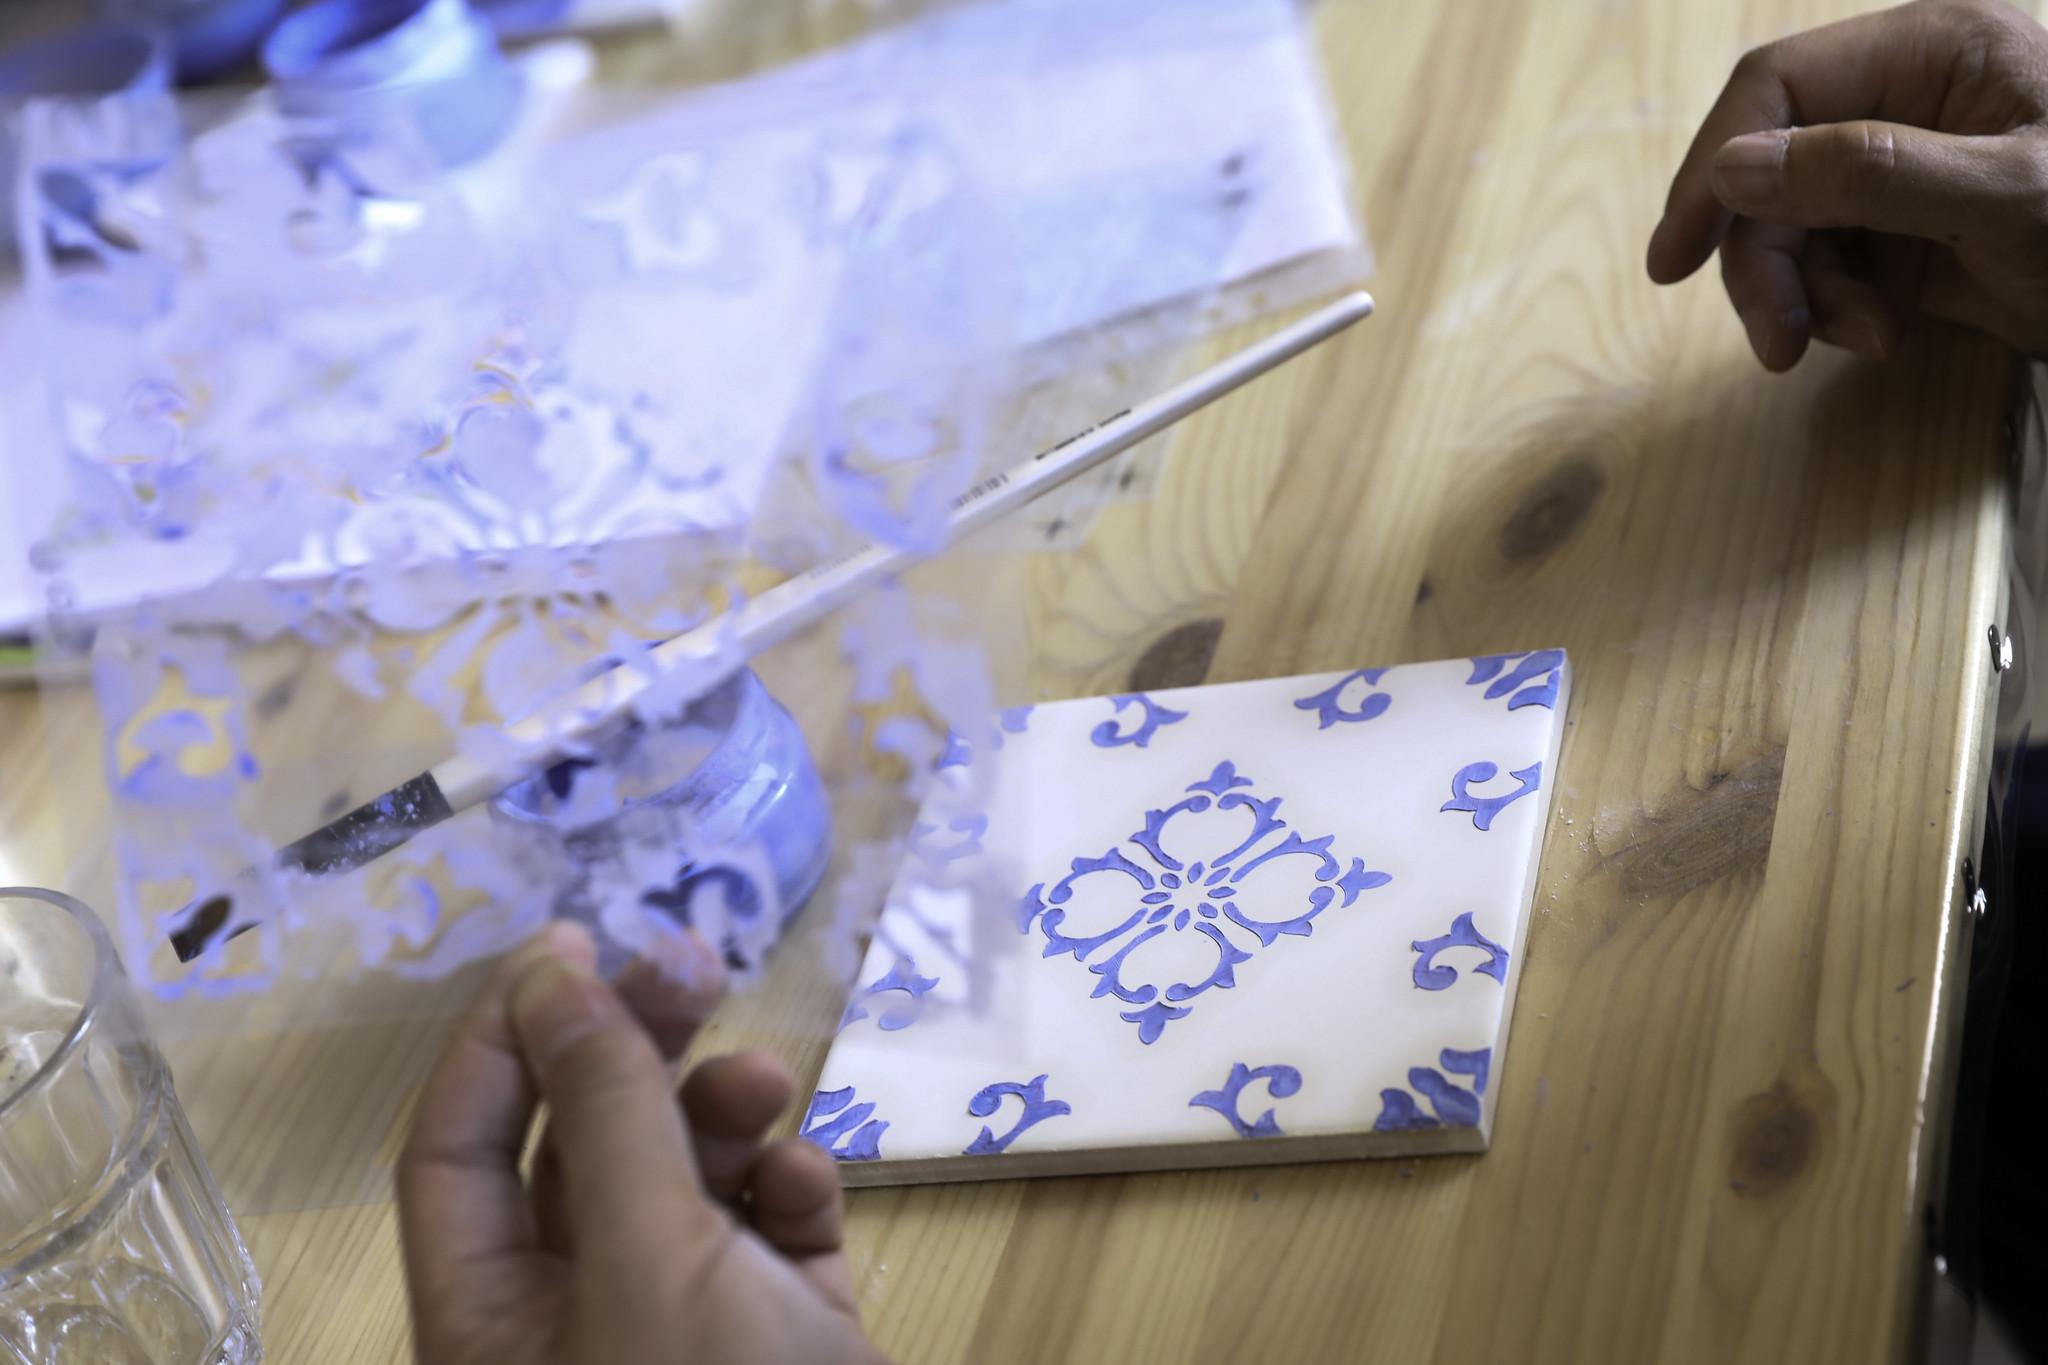 LM-ateliê de azulejos, no Bonfim12-10-18_-8.JPG